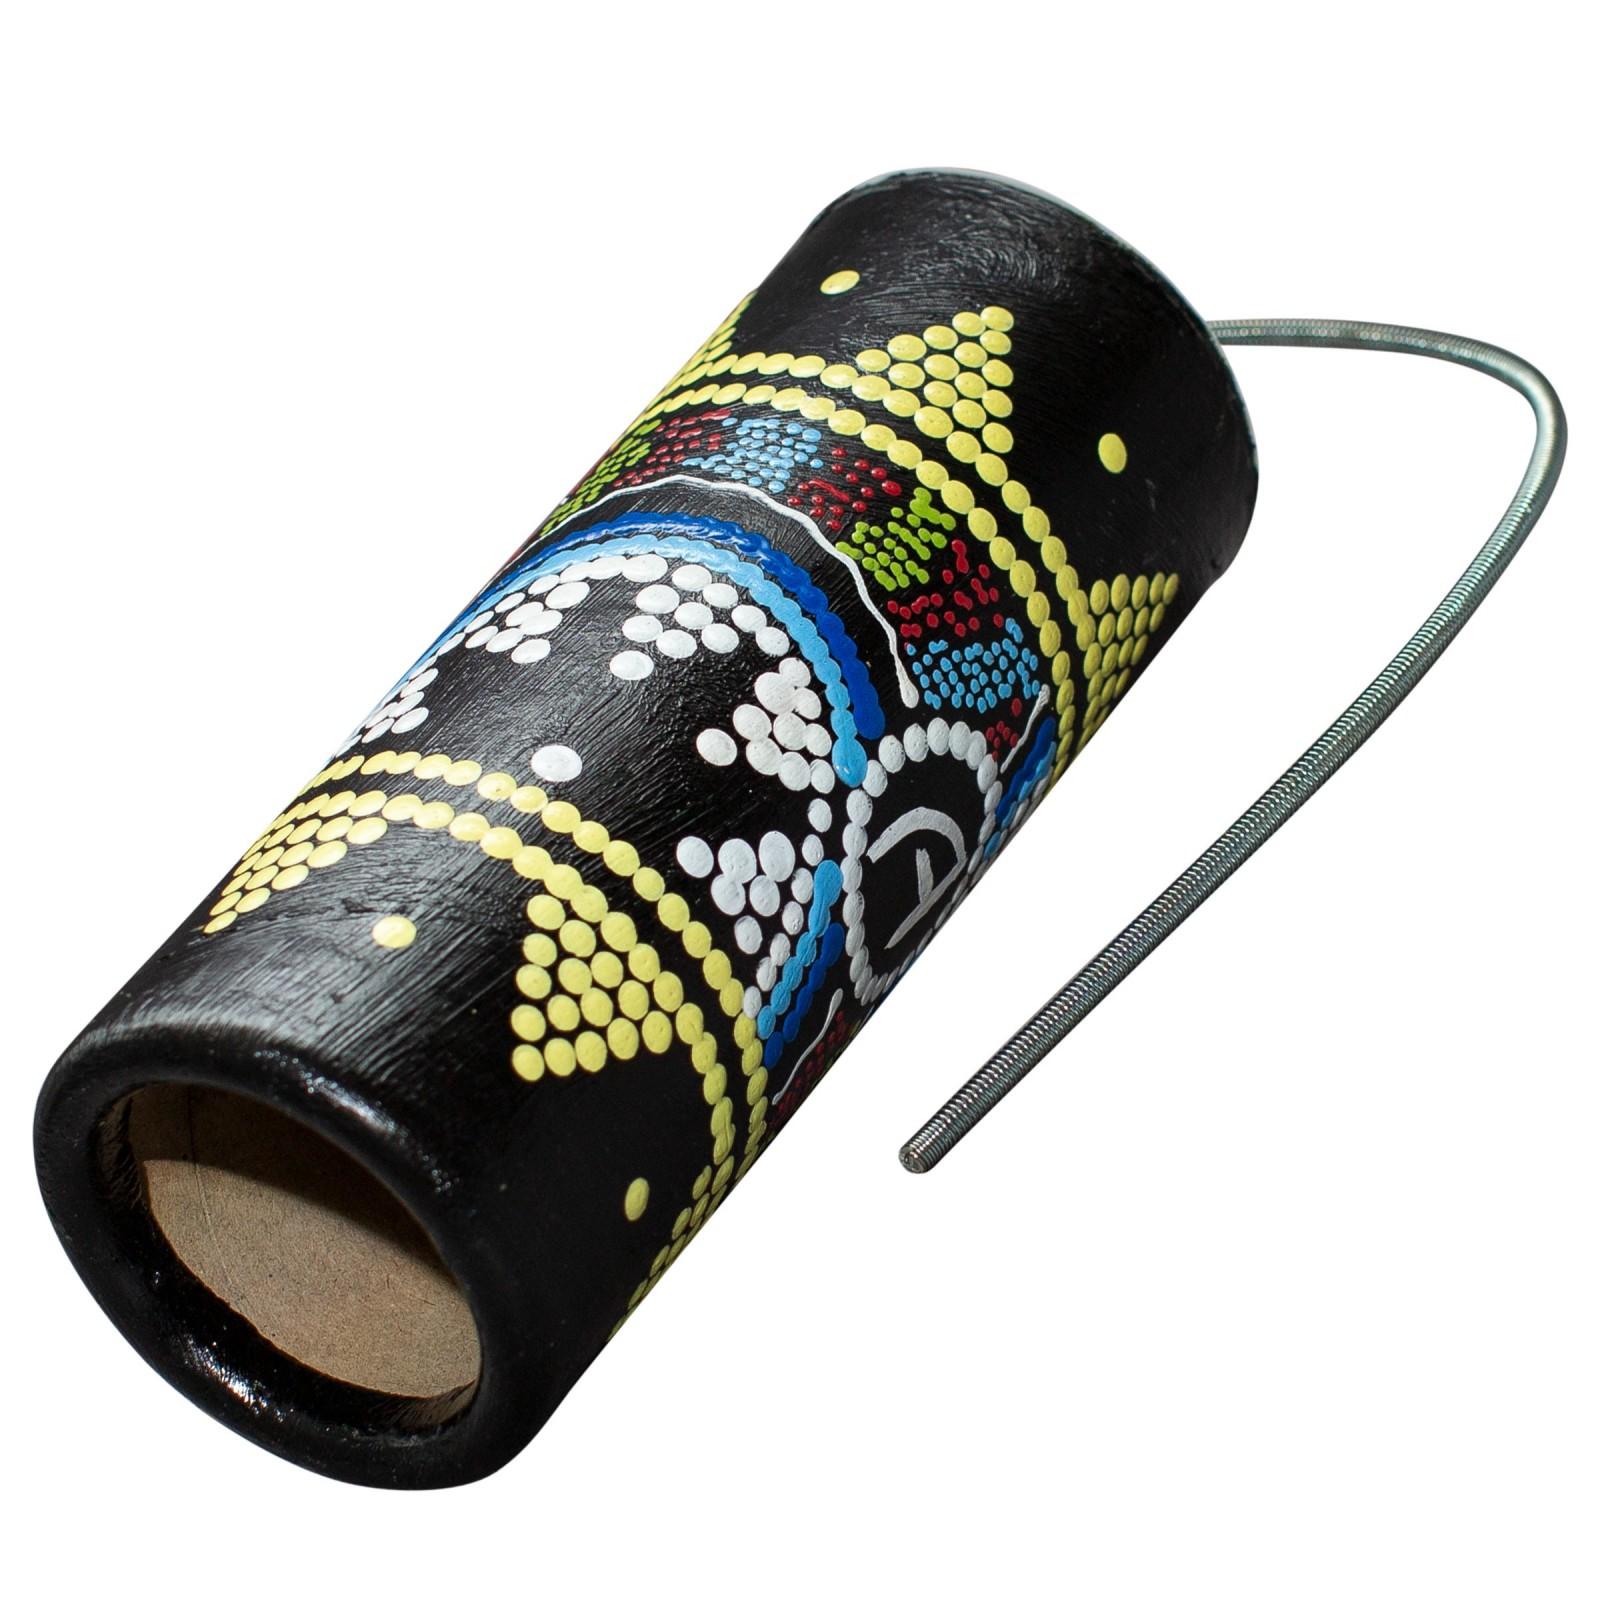 """Spring Drum AT- BLCTD-20, Thunder Tube – Musical instrument for kids. 7.8"""""""